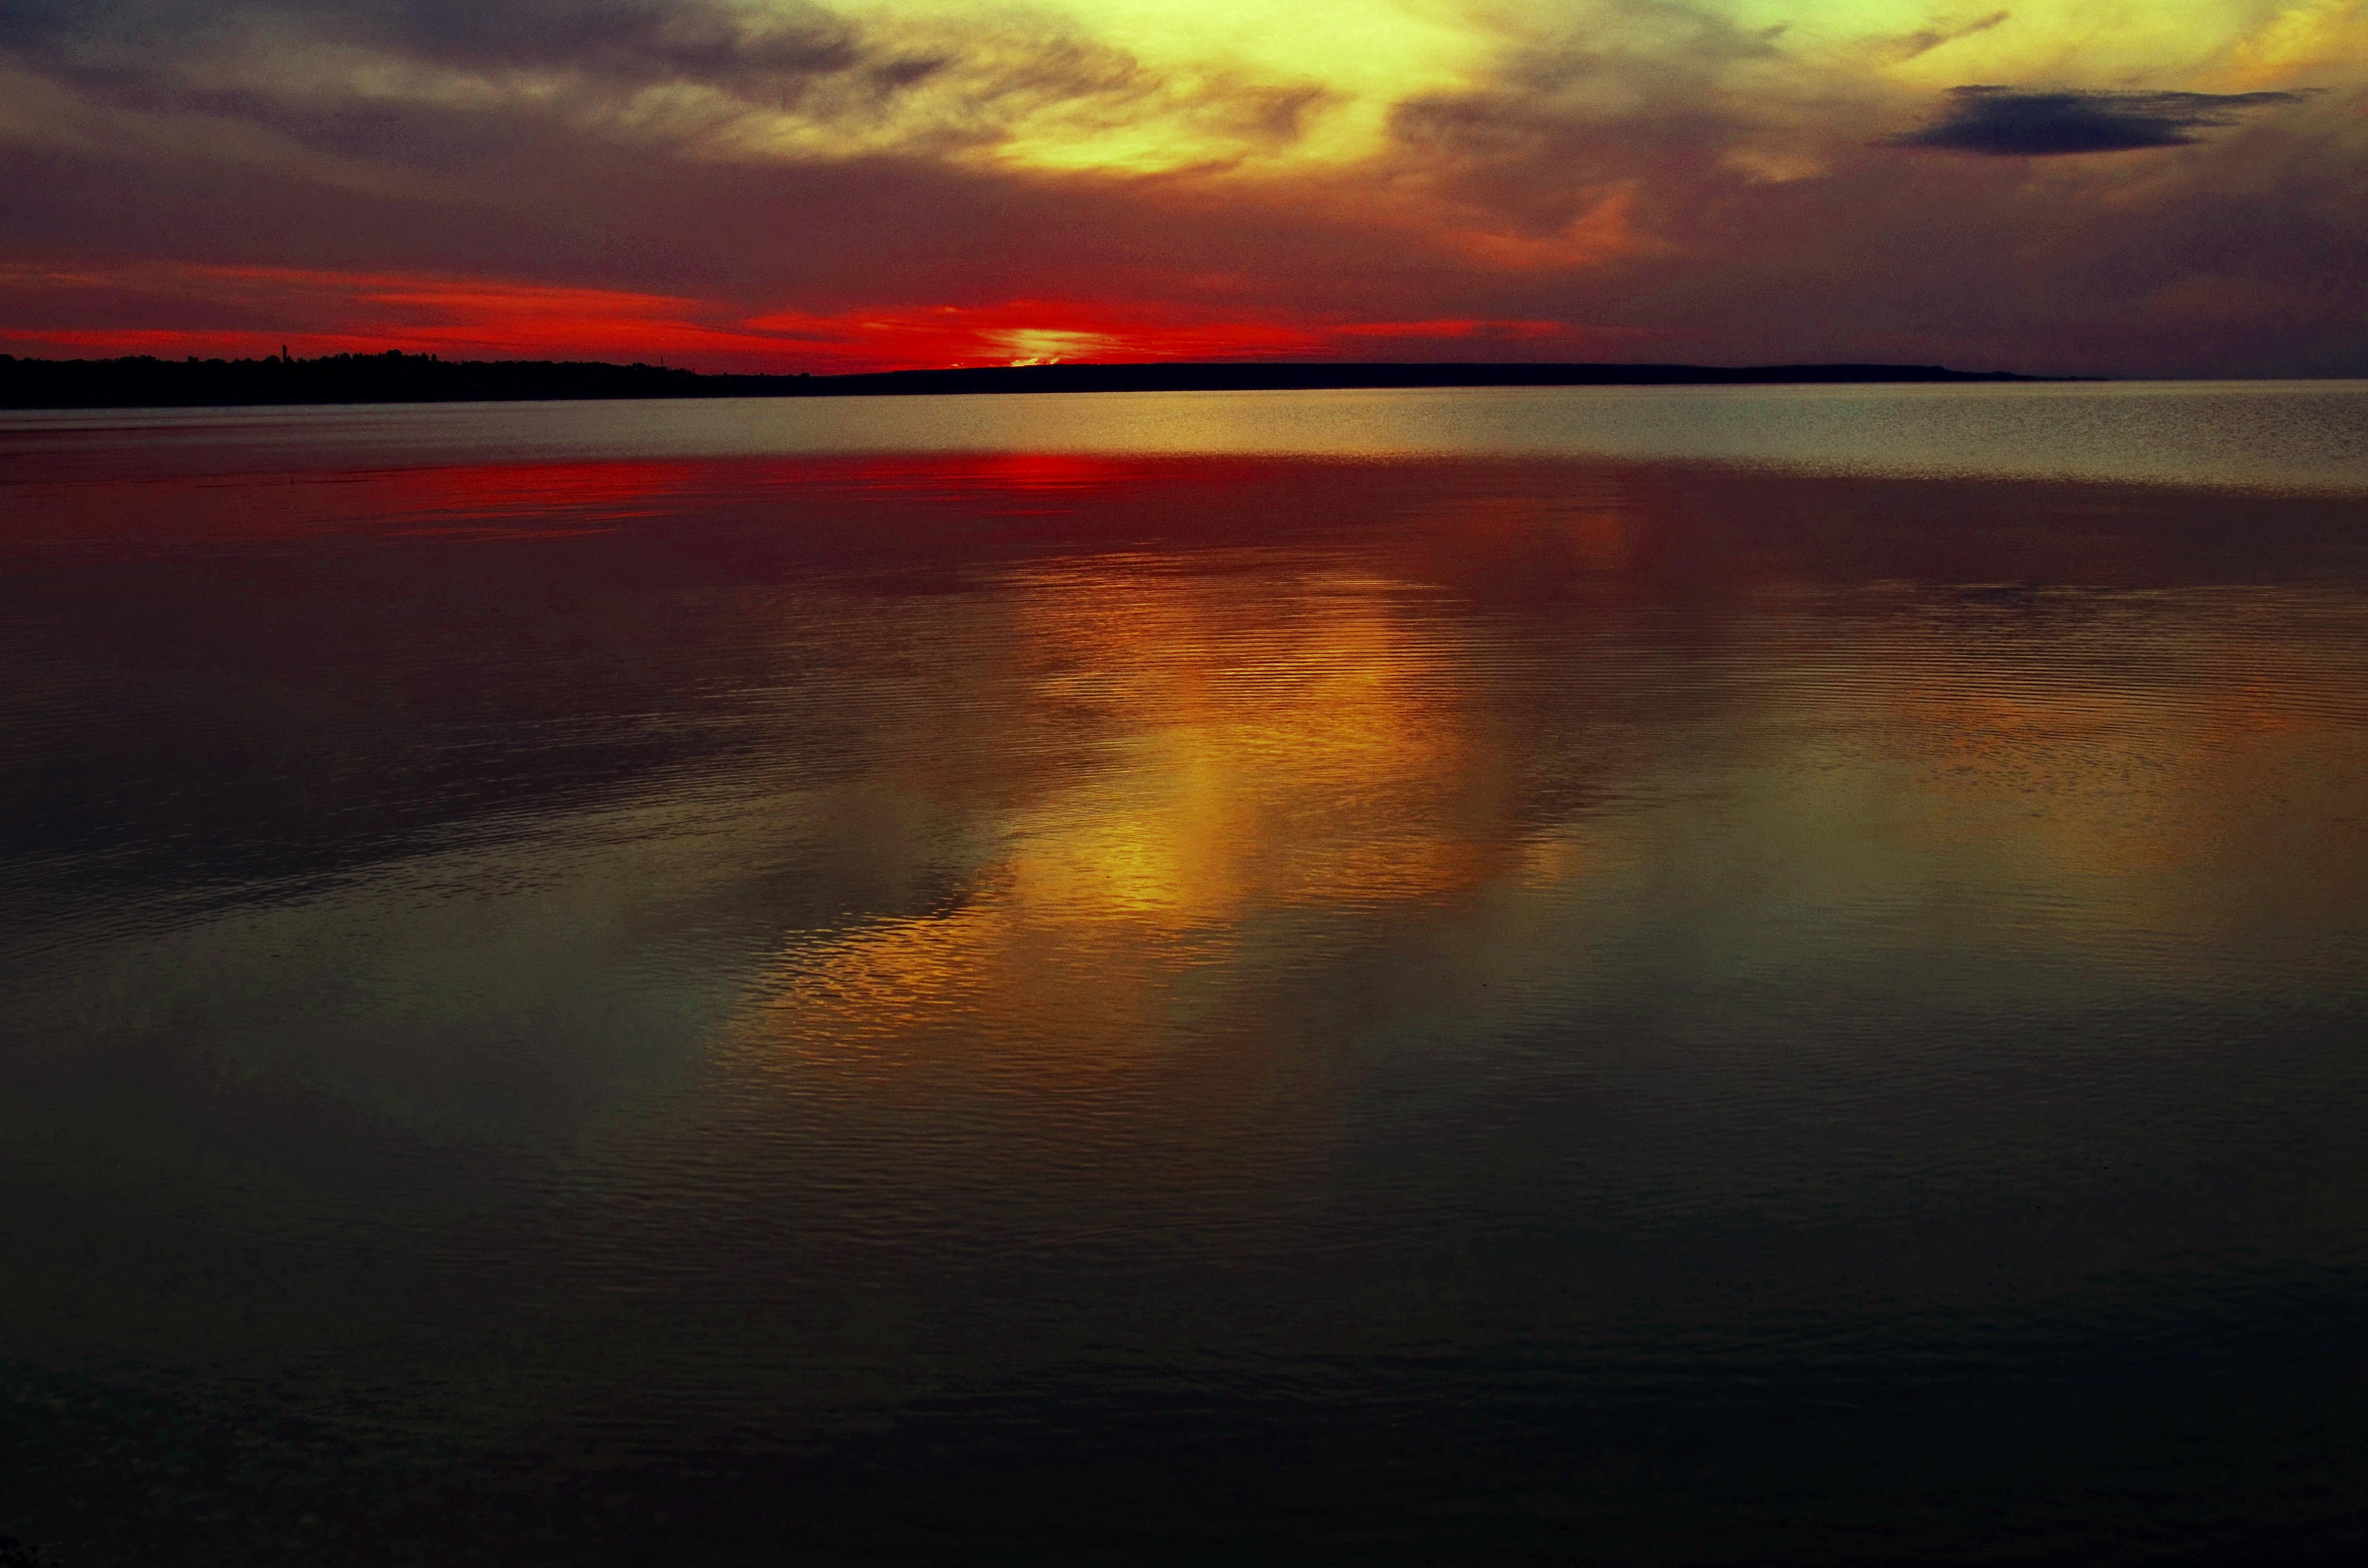 Płomienisty zachód słońca [4928x3264]